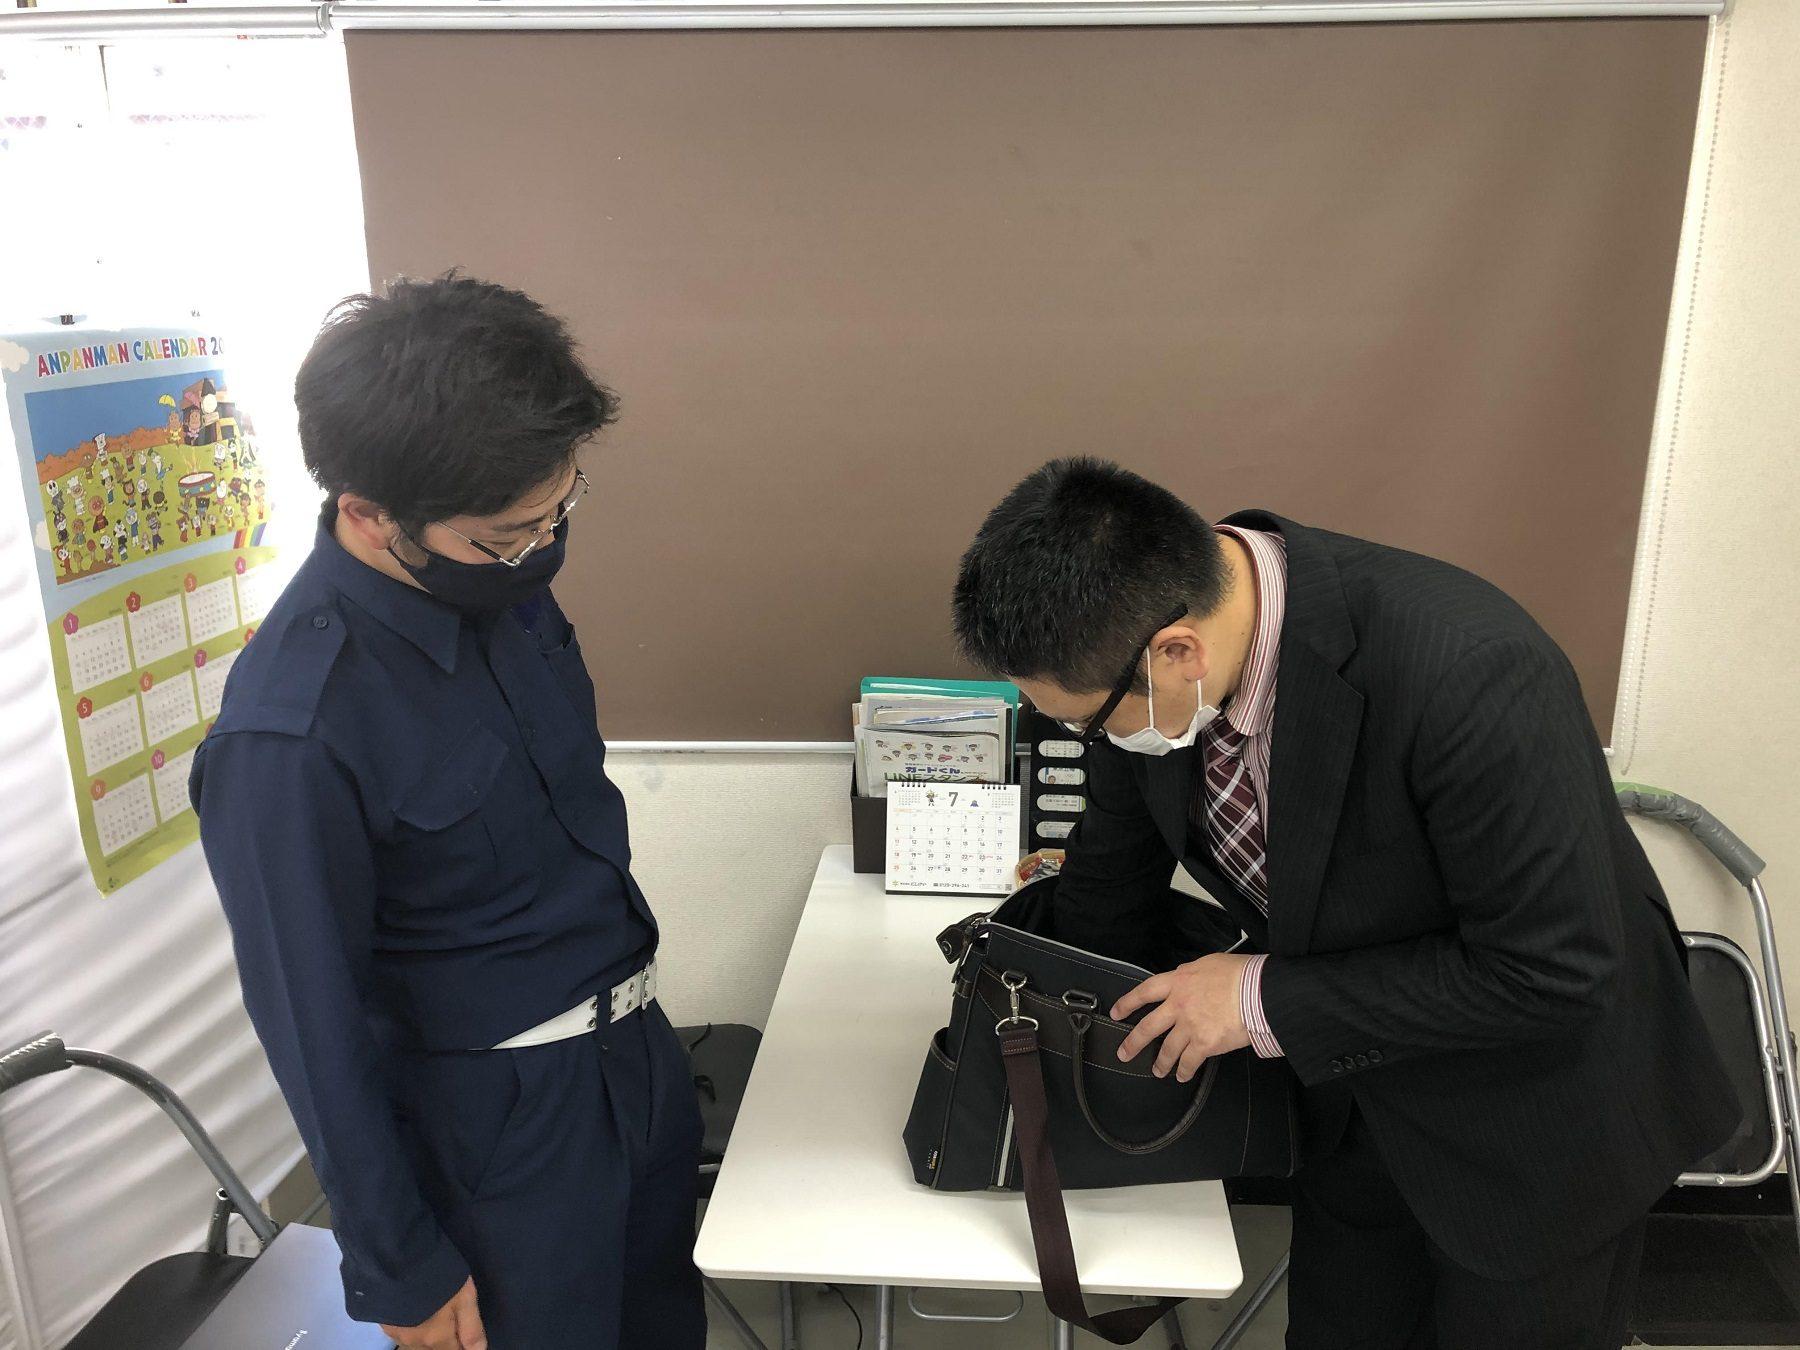 ATU 福岡 警備 空港保安 実技 手荷物検査